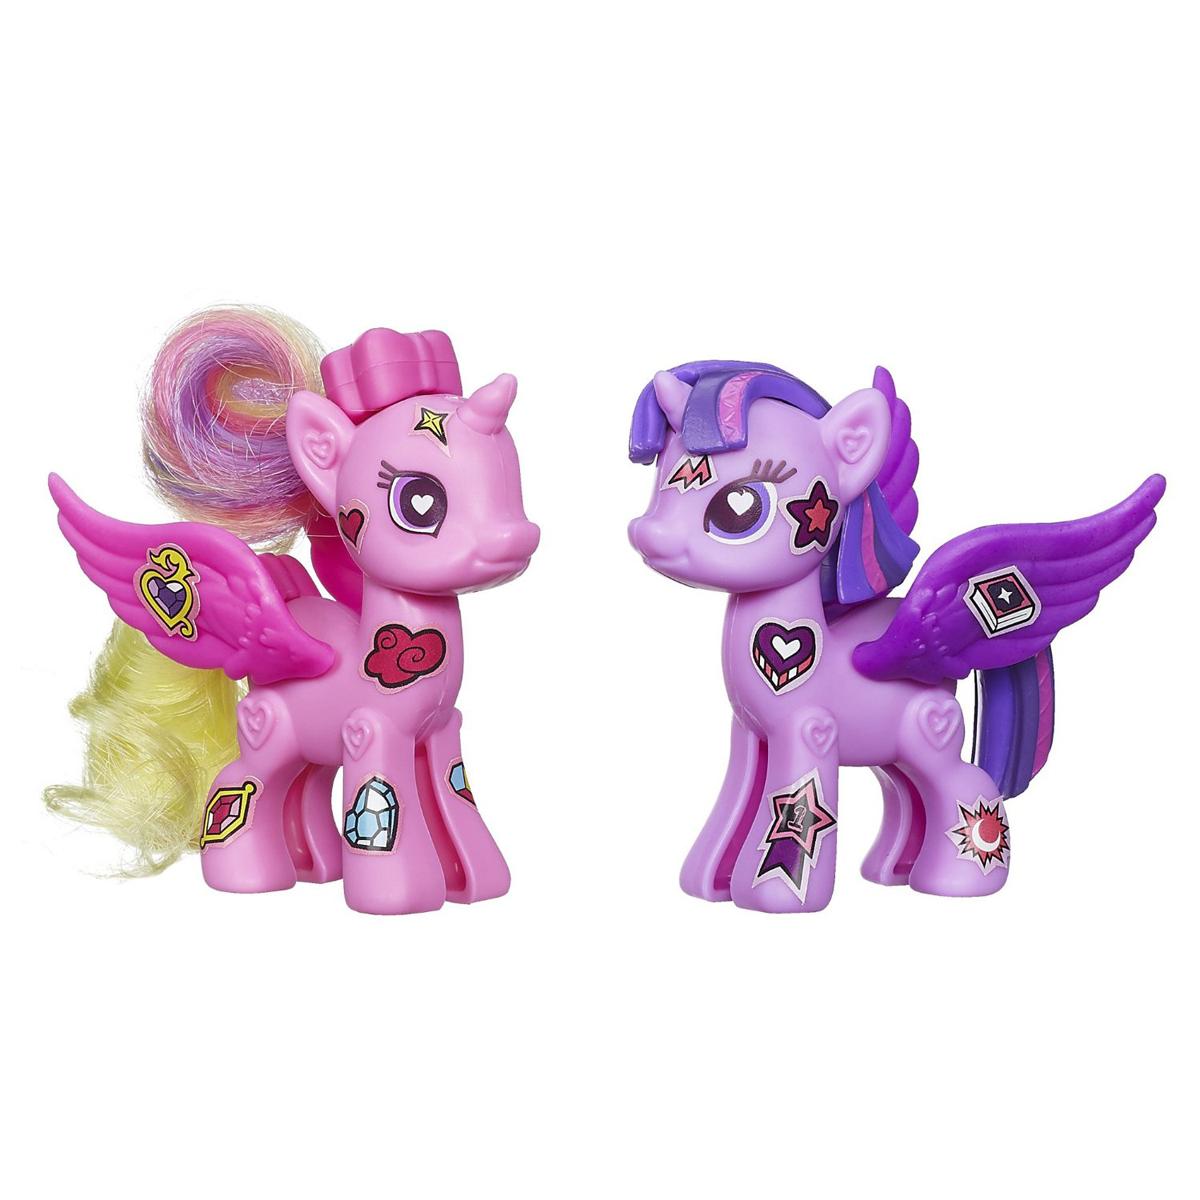 Рор Пони Делюкс, My Little PonyМоя маленькая пони (My Little Pony)<br>Рор Пони Делюкс, My Little Pony<br>